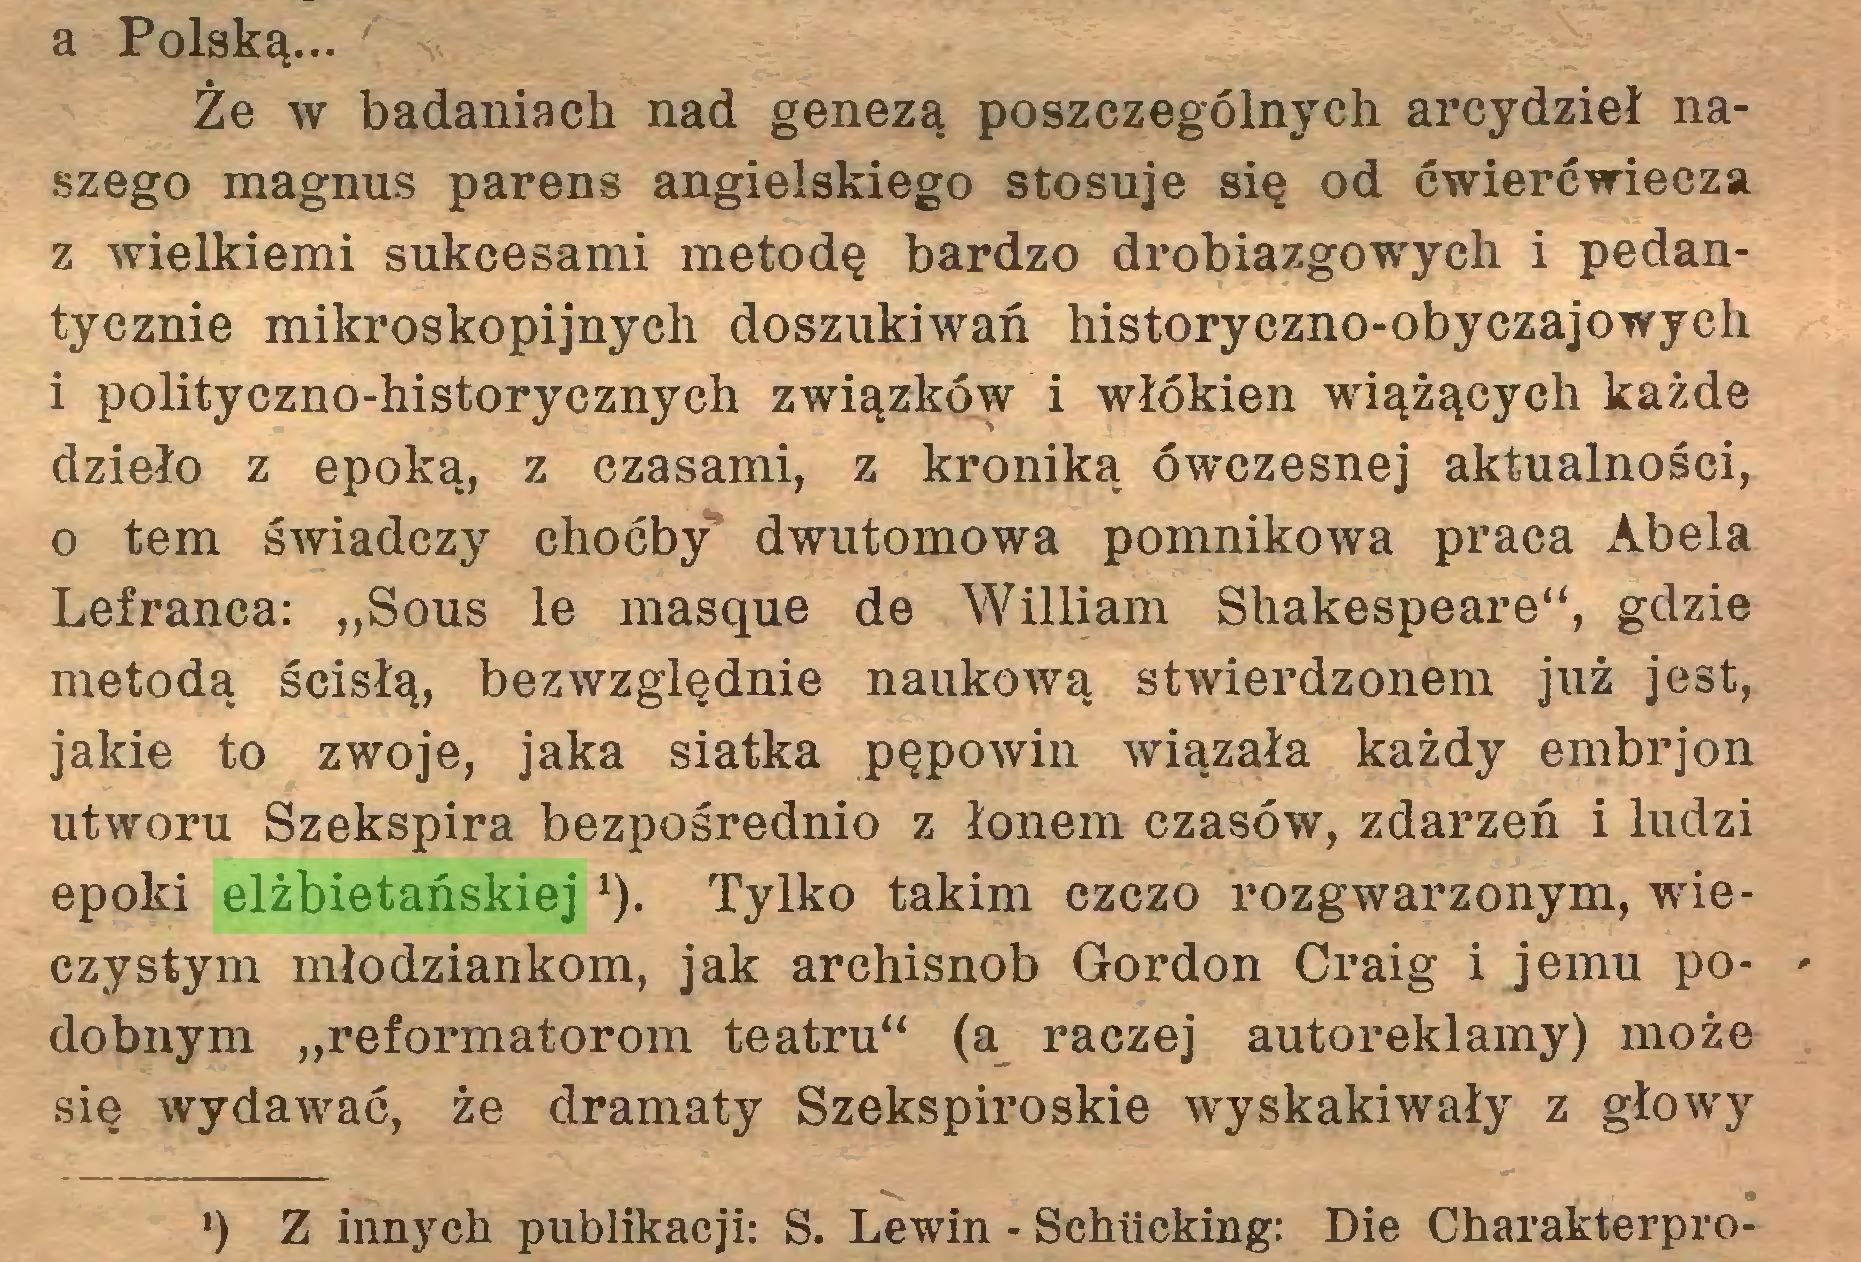 """(...) a Polską... Że w badaniach nad genezą poszczególnych arcydzieł naszego magnus parens angielskiego stosuje się od ćwierćwiecza z wielkiemi sukcesami metodę bardzo drobiazgowych i pedantycznie mikroskopijnych doszukiwań historyczno-obyczajowych i polityczno-historycznych związków i włókien wiążących każde dzieło z epoką, z czasami, z kroniką ówczesnej aktualności, o tern świadczy choćby dwutomowa pomnikowa praca Abela Lefranca: """"Sous le masque de William Shakespeare"""", gdzie metodą ścisłą, bezwzględnie naukową stwierdzonem już jest, jakie to zwoje, jaka siatka pępowin wiązała każdy embrjon utworu Szekspira bezpośrednio z łonem czasów, zdarzeń i ludzi epoki elżbietańskiej ł). Tylko takim czczo rózg warzonym, wieczystym młodziankom, jak archisnob Gordon Craig i jemu po- dobnym """"reformatorom teatru"""" (a raczej autoreklamy) może się wydawać, że dramaty Szekspiroskie wyskakiwały z głowy *) Z innych publikacji: S. Lewin - Schücking: Die Charakterpro..."""